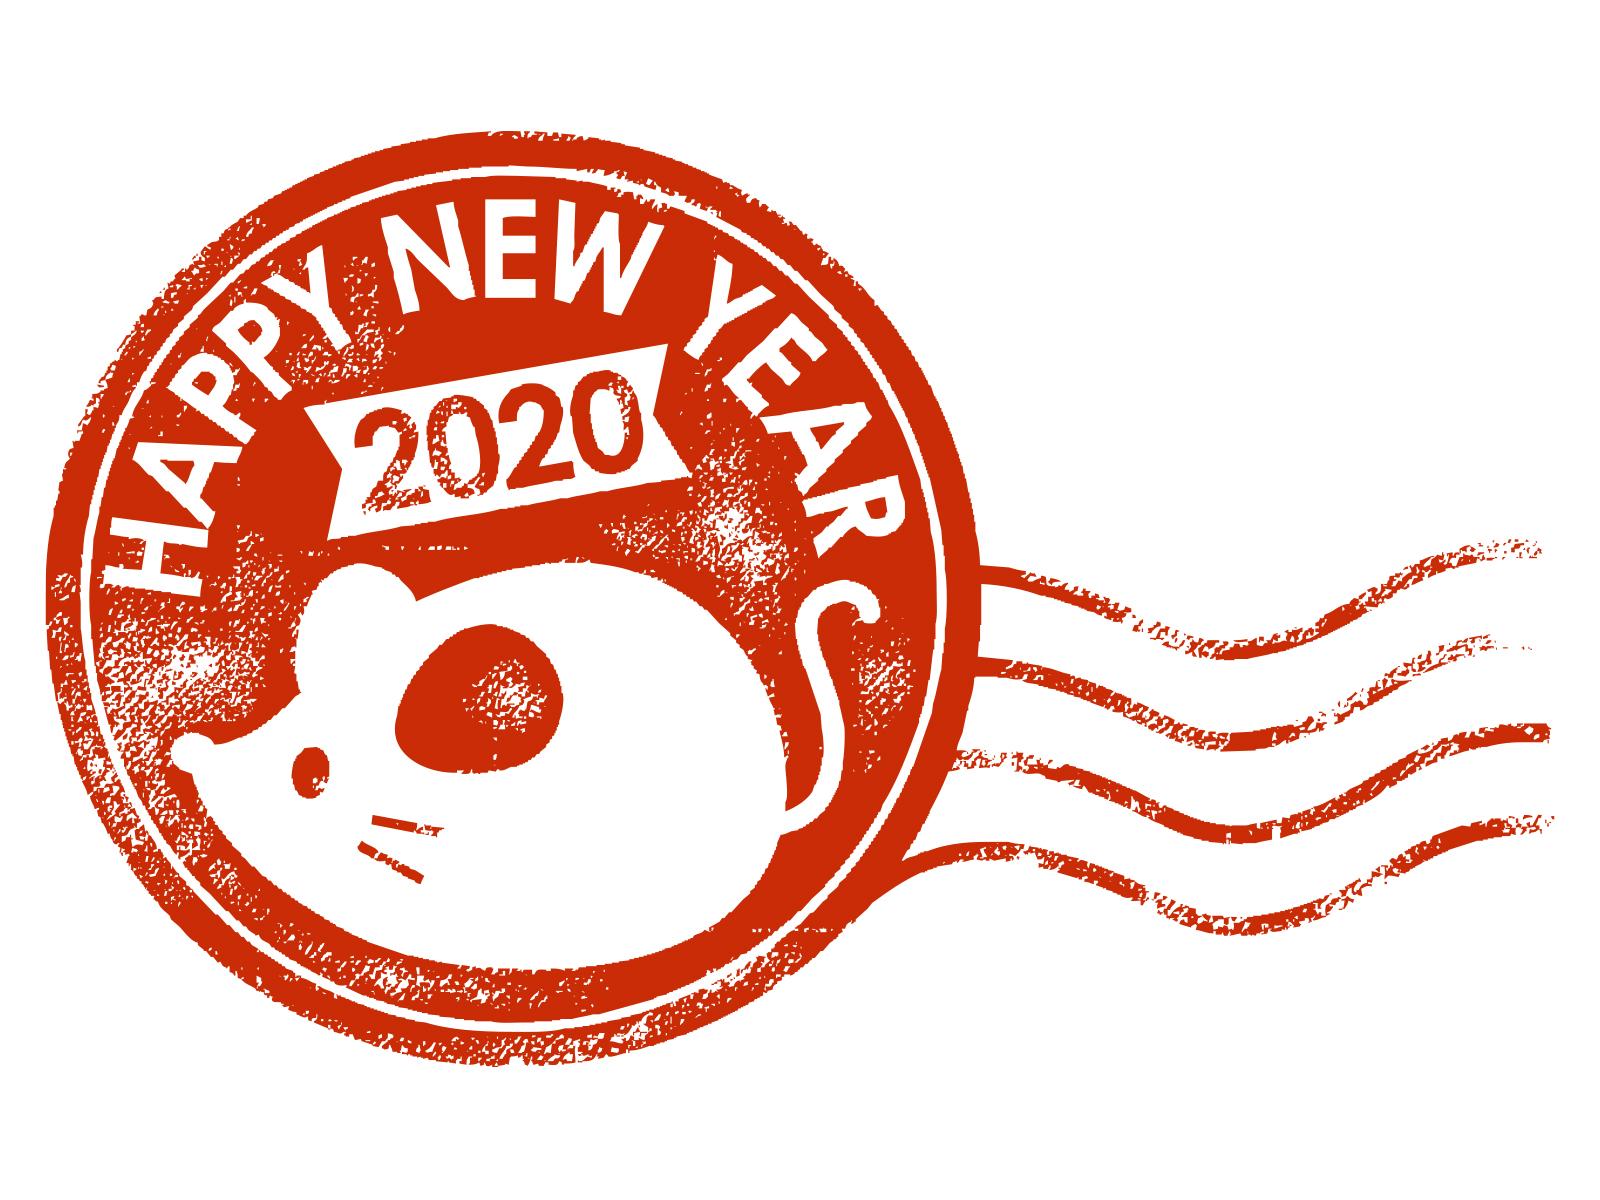 2020 子 ねずみ 年賀状の無料テンプレート これで迷わない厳選10